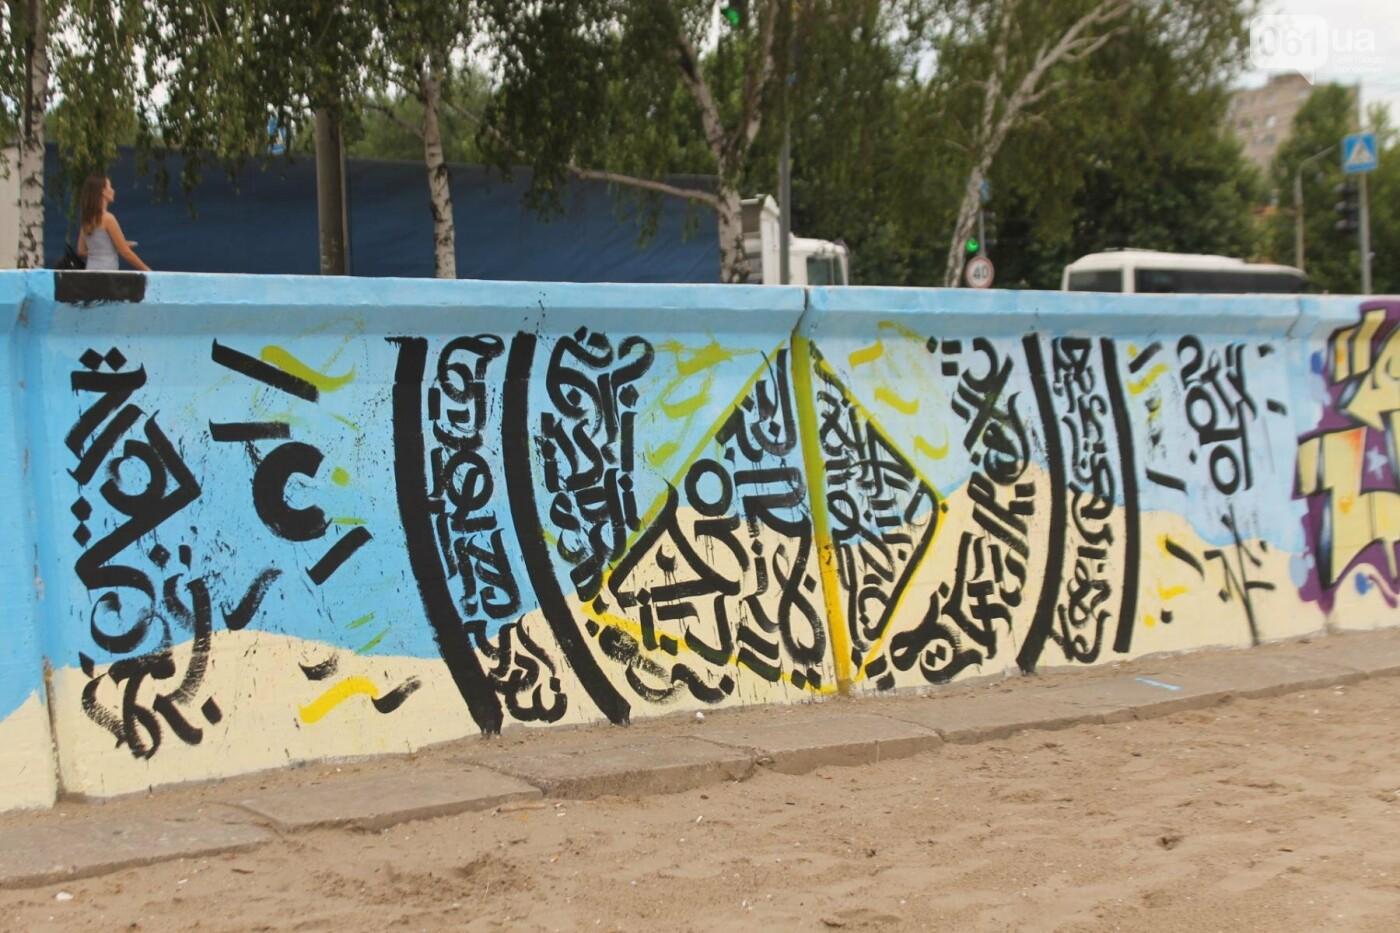 В Запорожье на пляже закончился фестиваль граффити: разрисовали 150 метров бетонной стены, – ФОТОРЕПОРТАЖ, фото-49